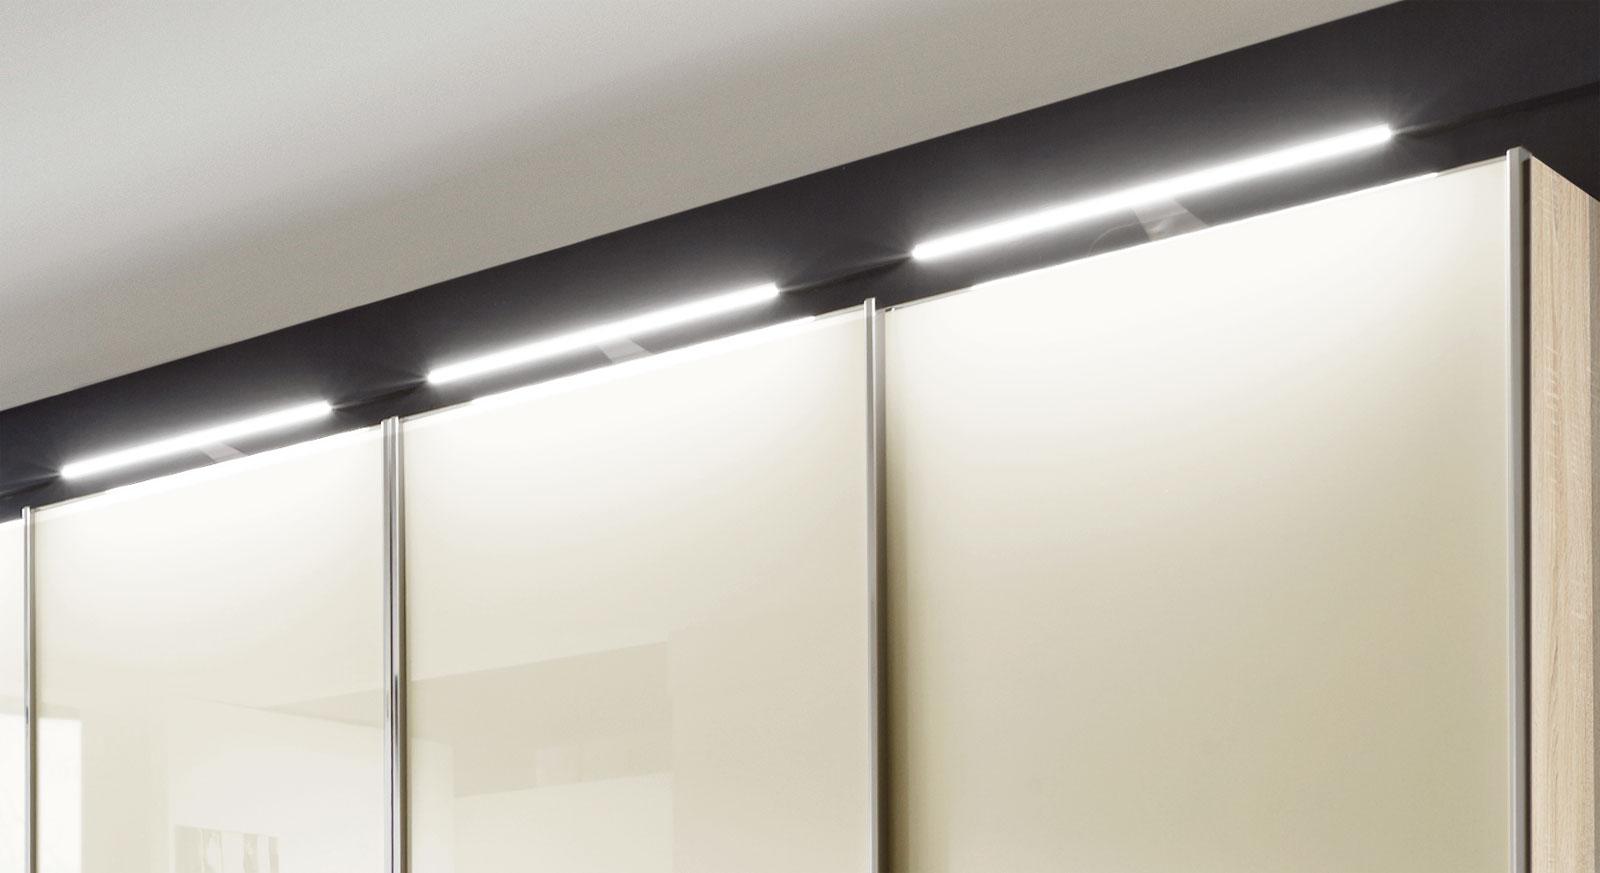 Schwebetüren-Kleiderschrank Banga mit LED-Aufsatzleuchten